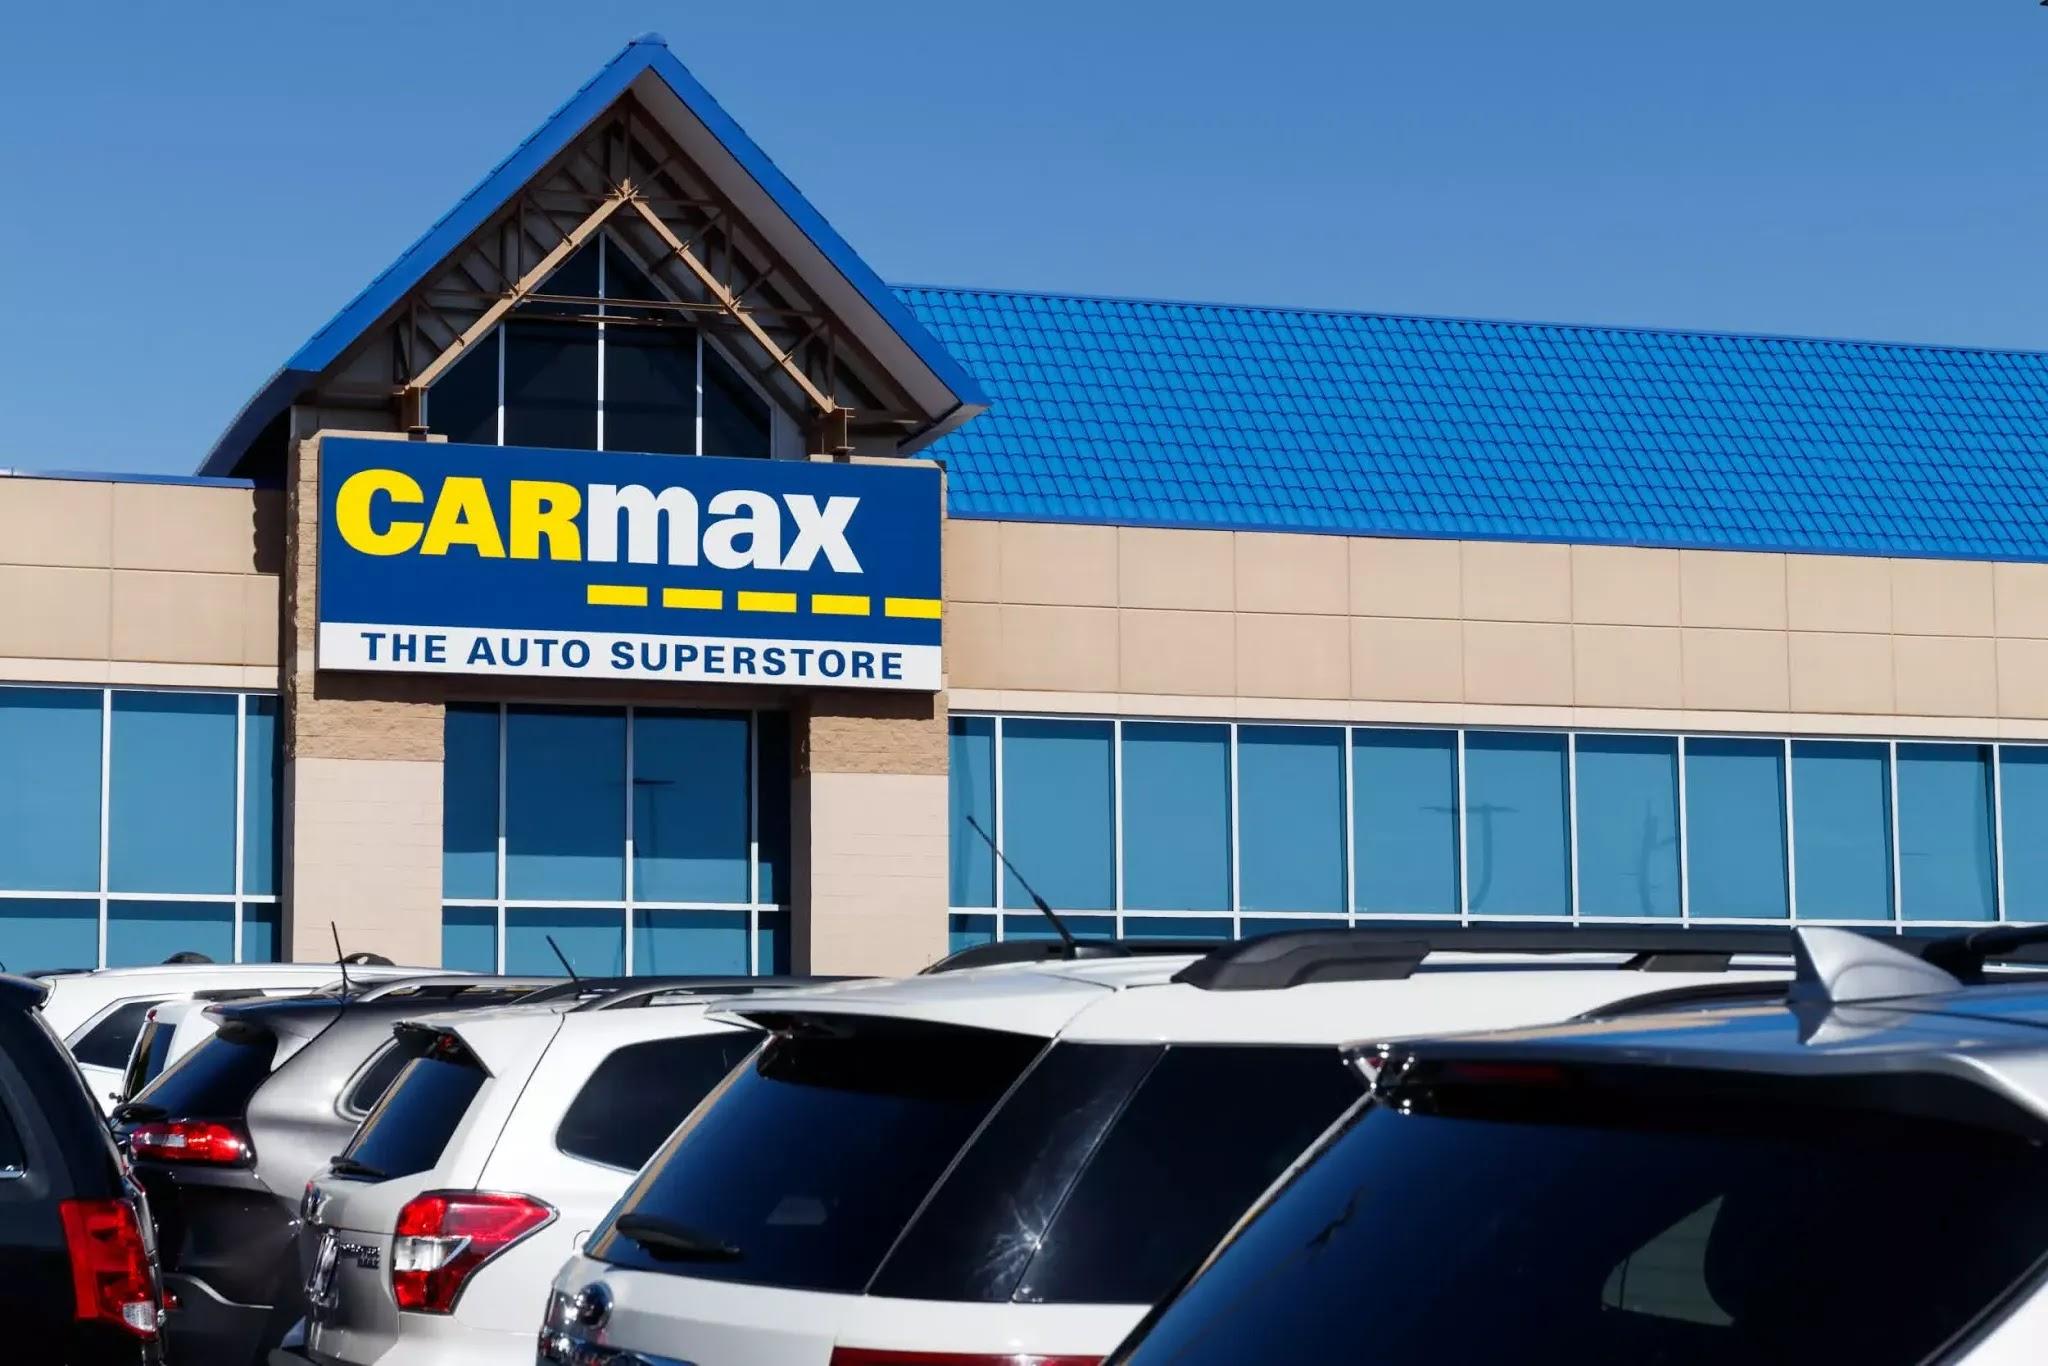 CarMax được thành lập bởi Circuit City (hiện đã không còn tồn tại).